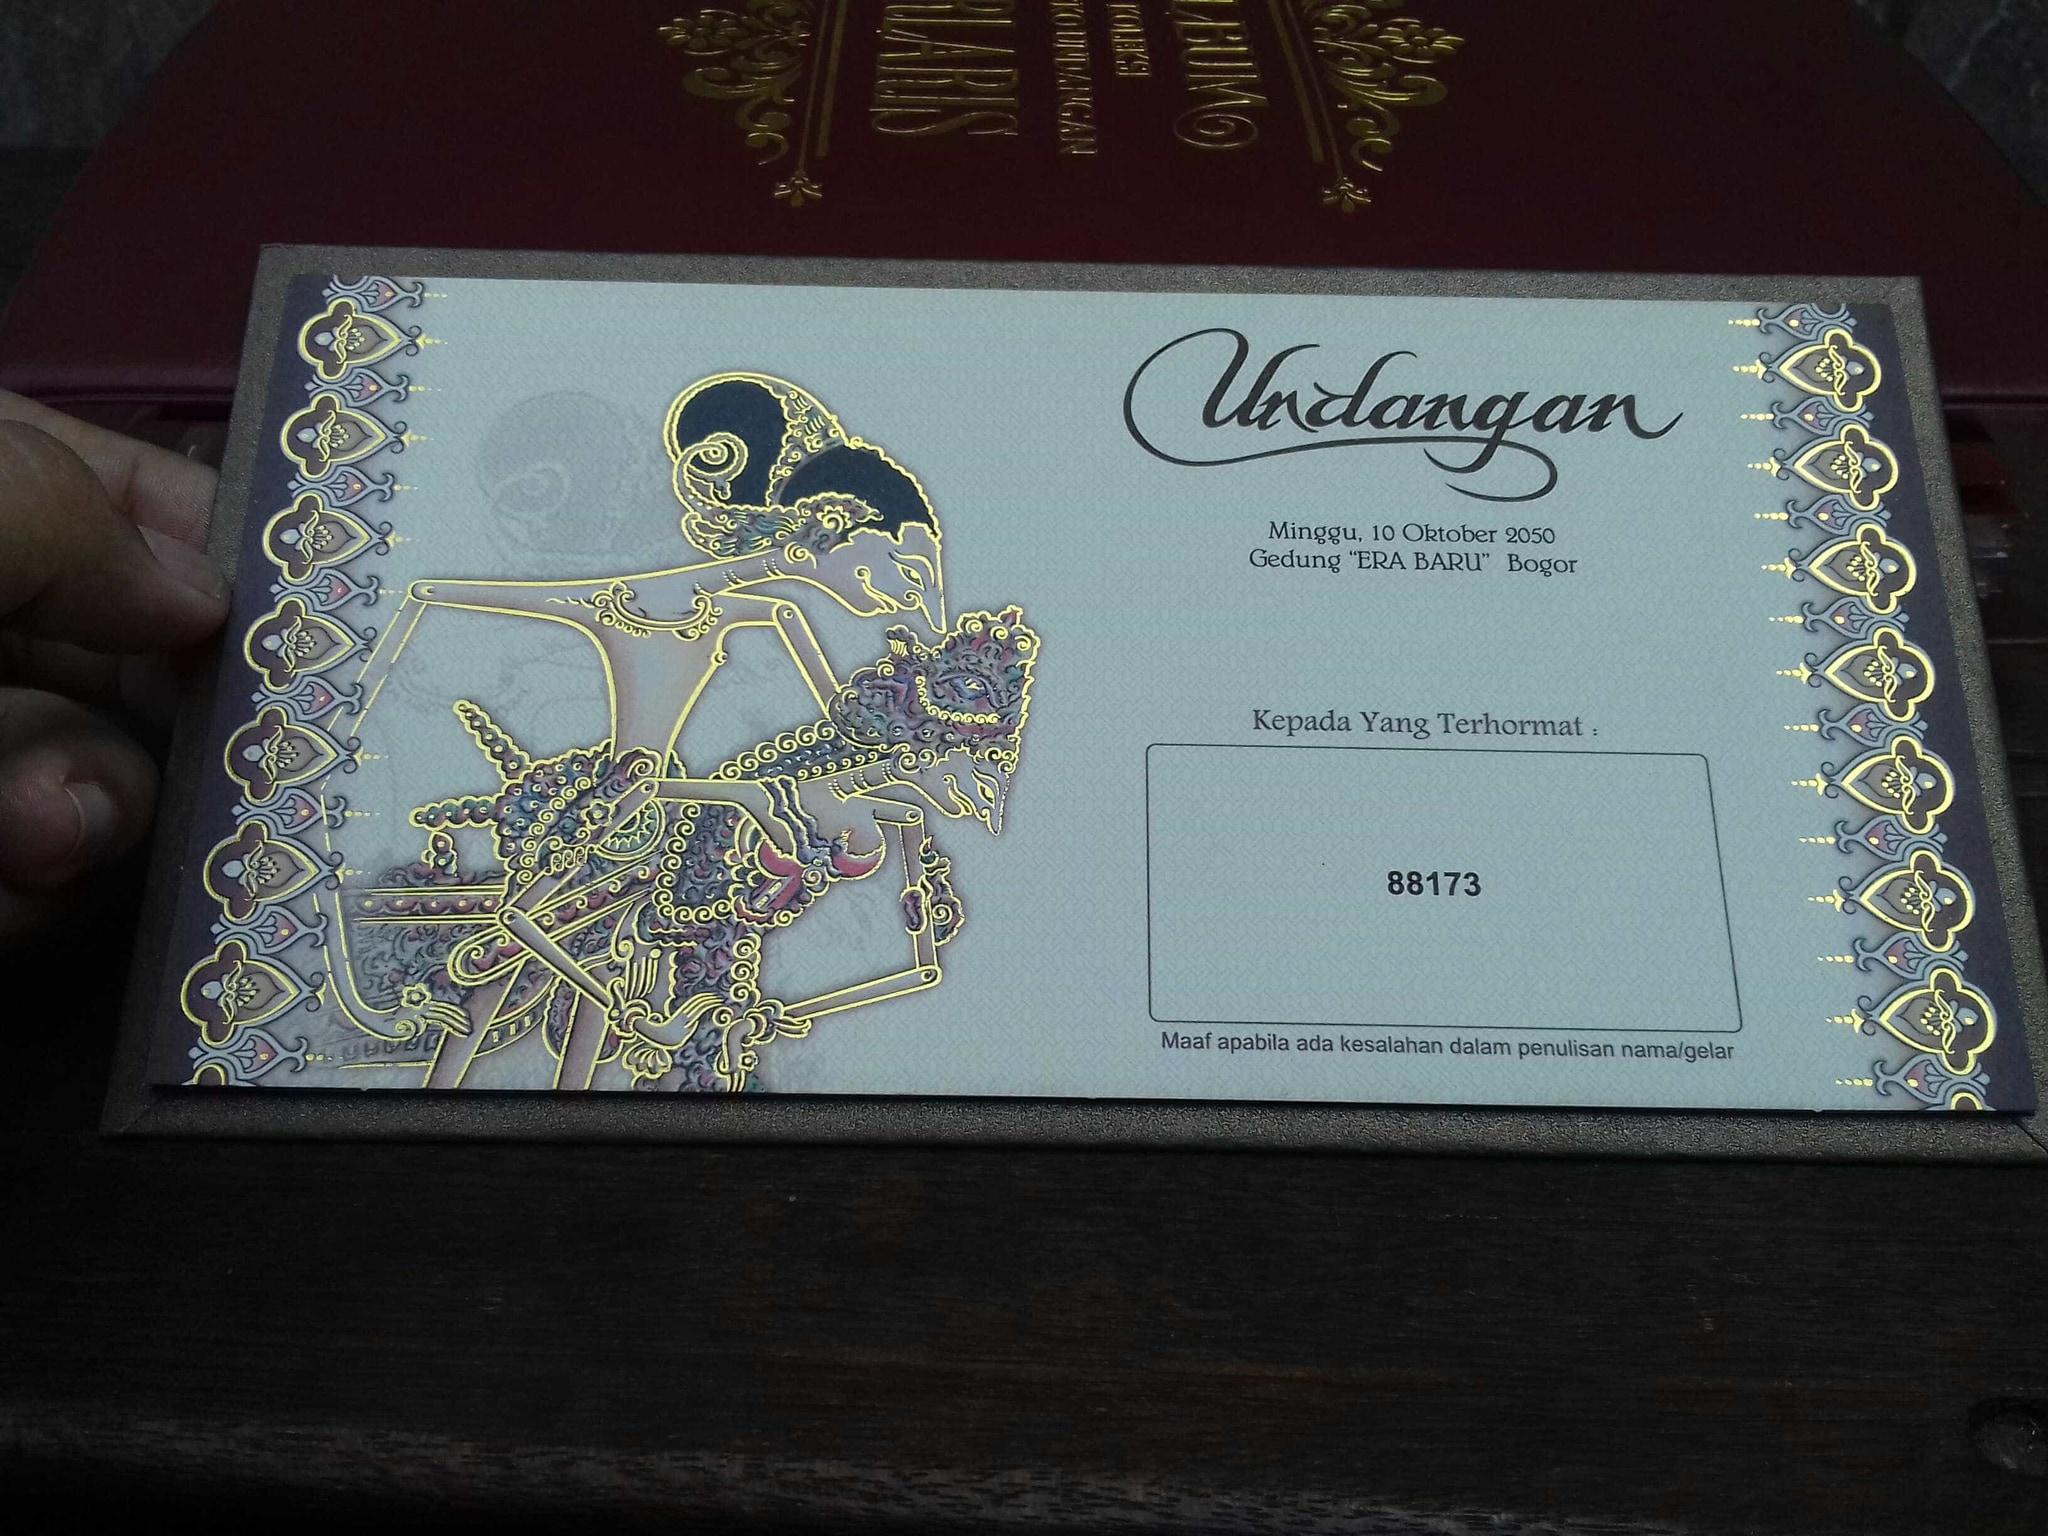 Jual Undangan Pernikahan Murah 88173 Fancy Dalvin Tokopedia Kartu Kode Blangko 88186